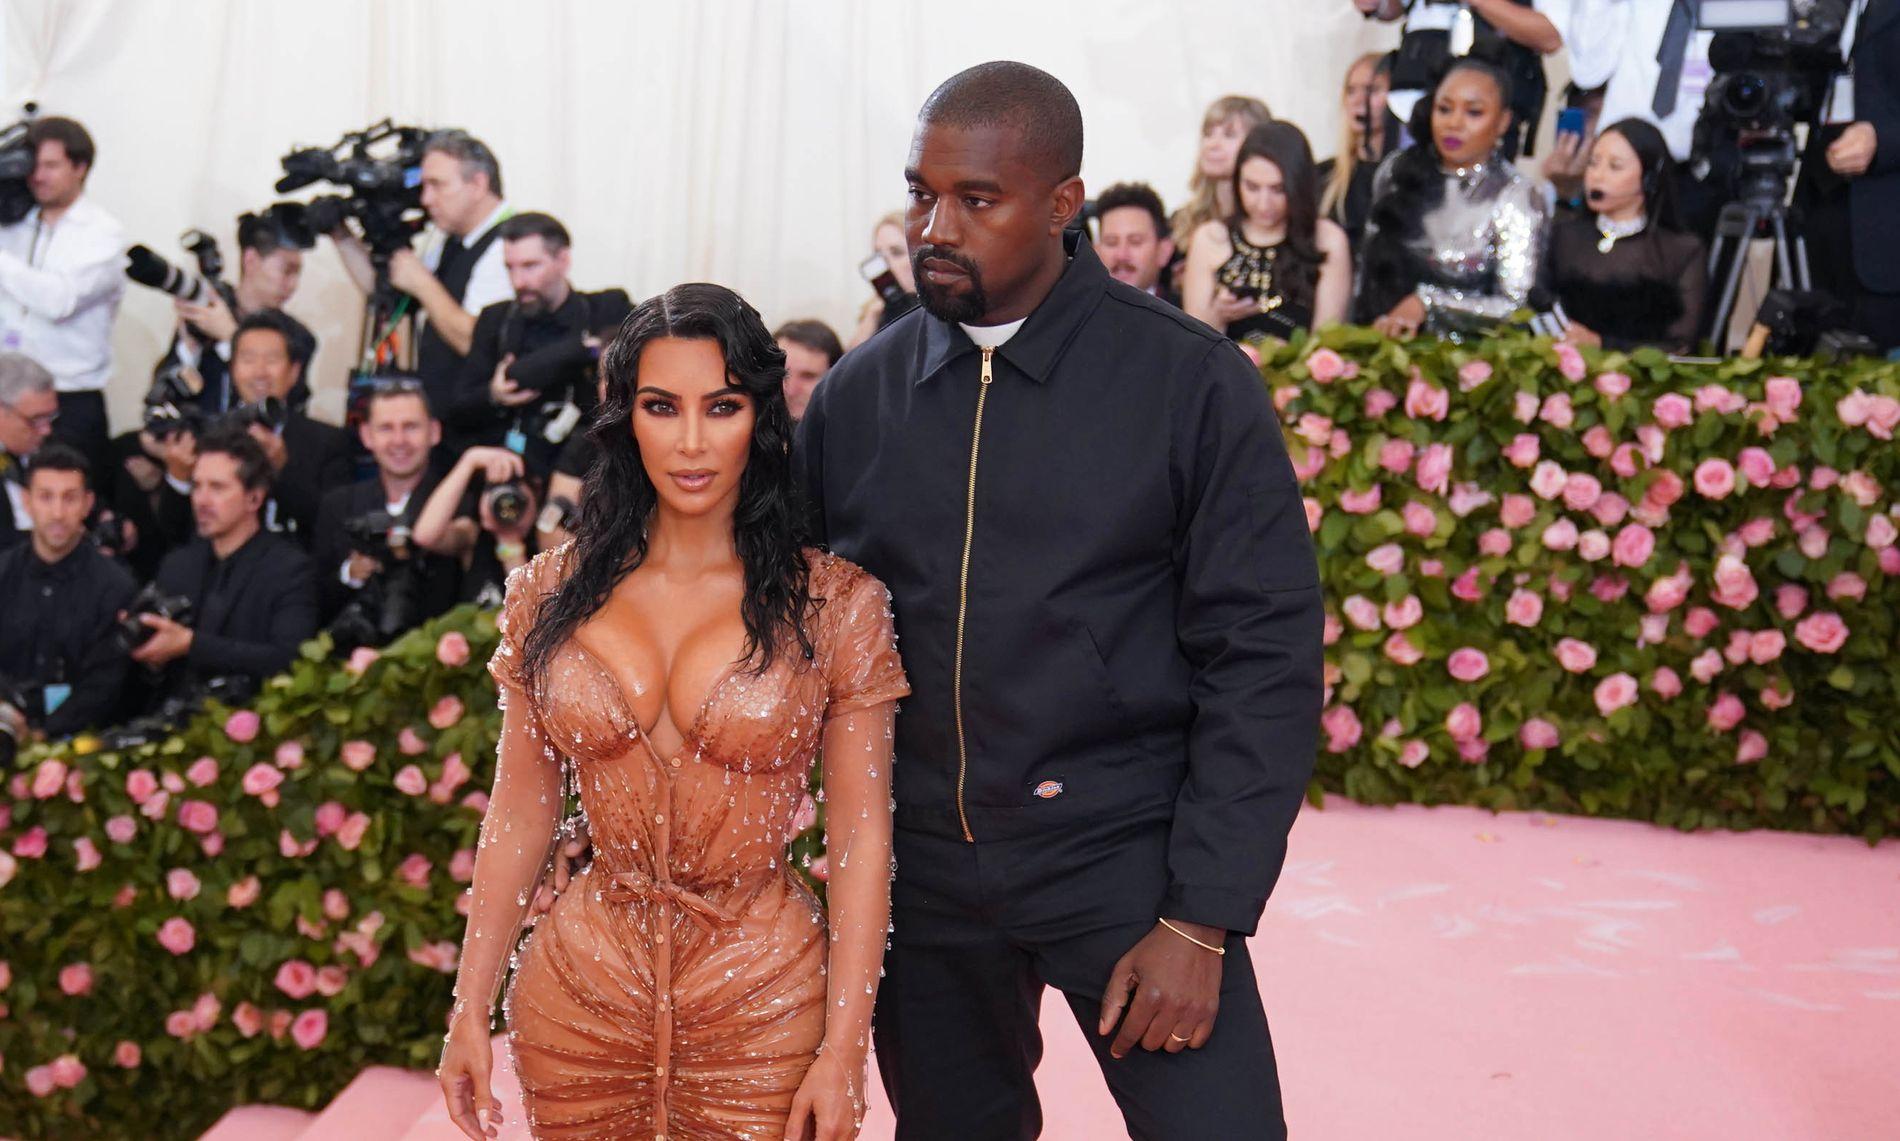 FORELDRE IGJEN: 10. mai fikk stjerneparet Kim Kardashian West og Kanye West sitt fjerde barn.